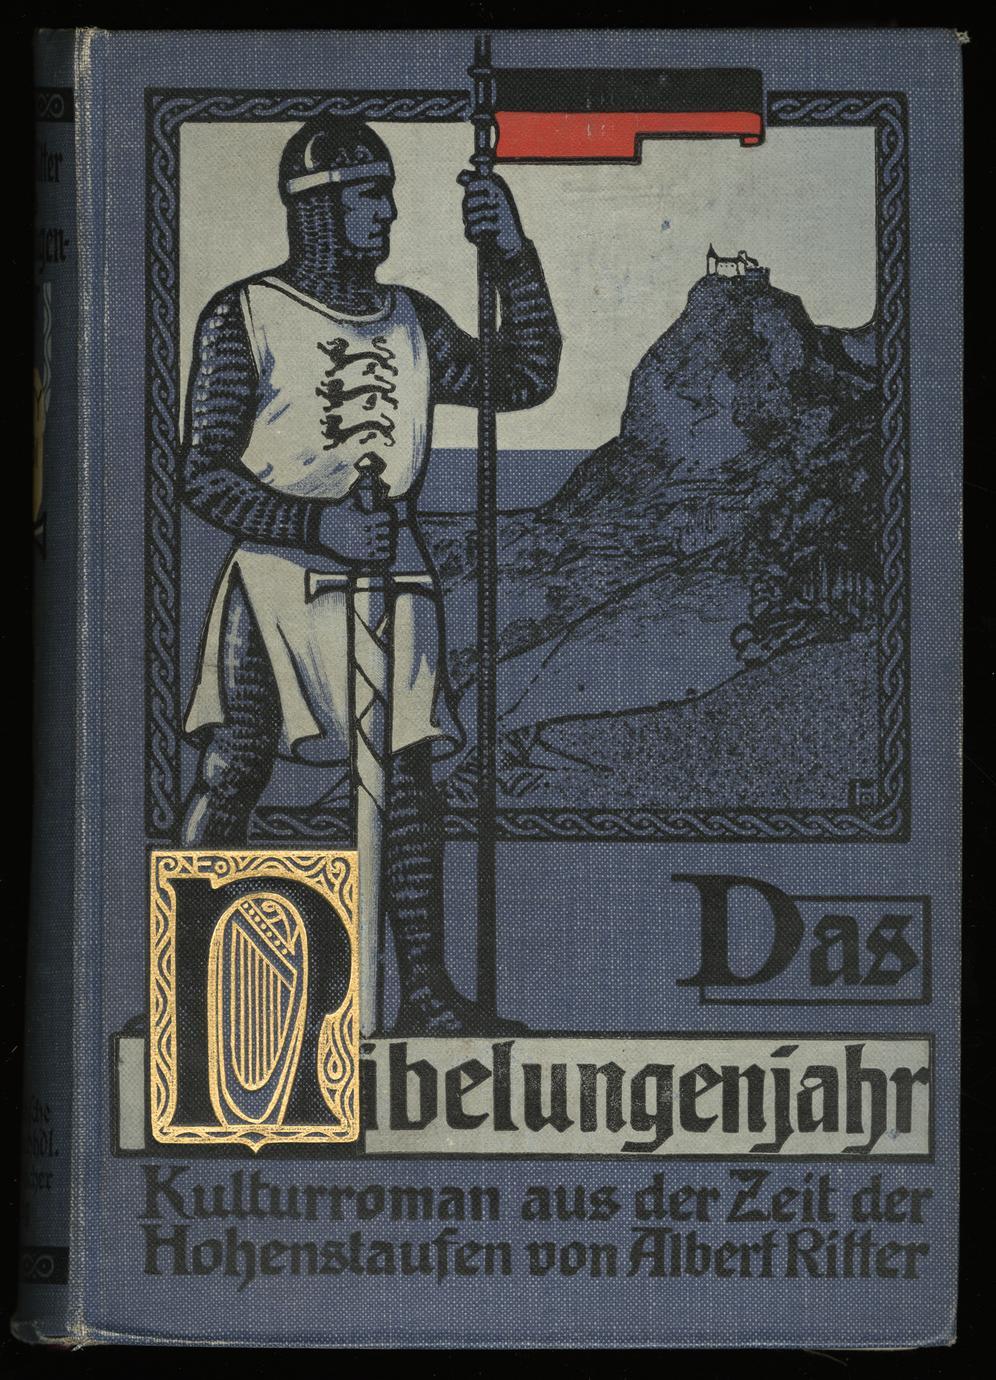 Das Nibelungenjahr (1 of 6)